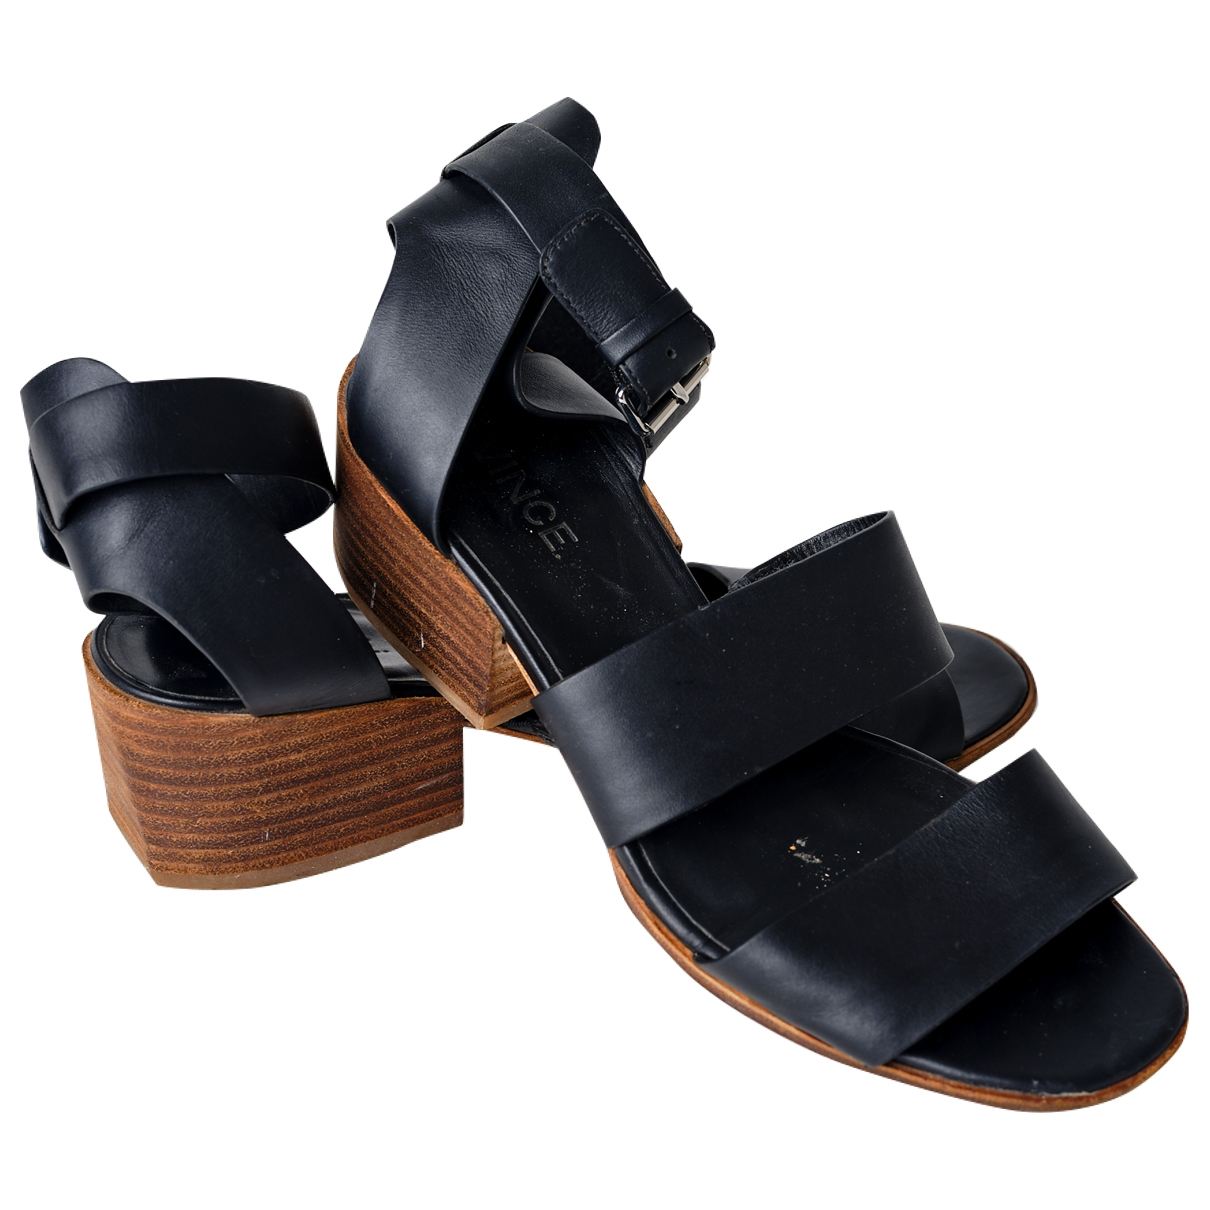 Vince - Sandales   pour femme en cuir - noir